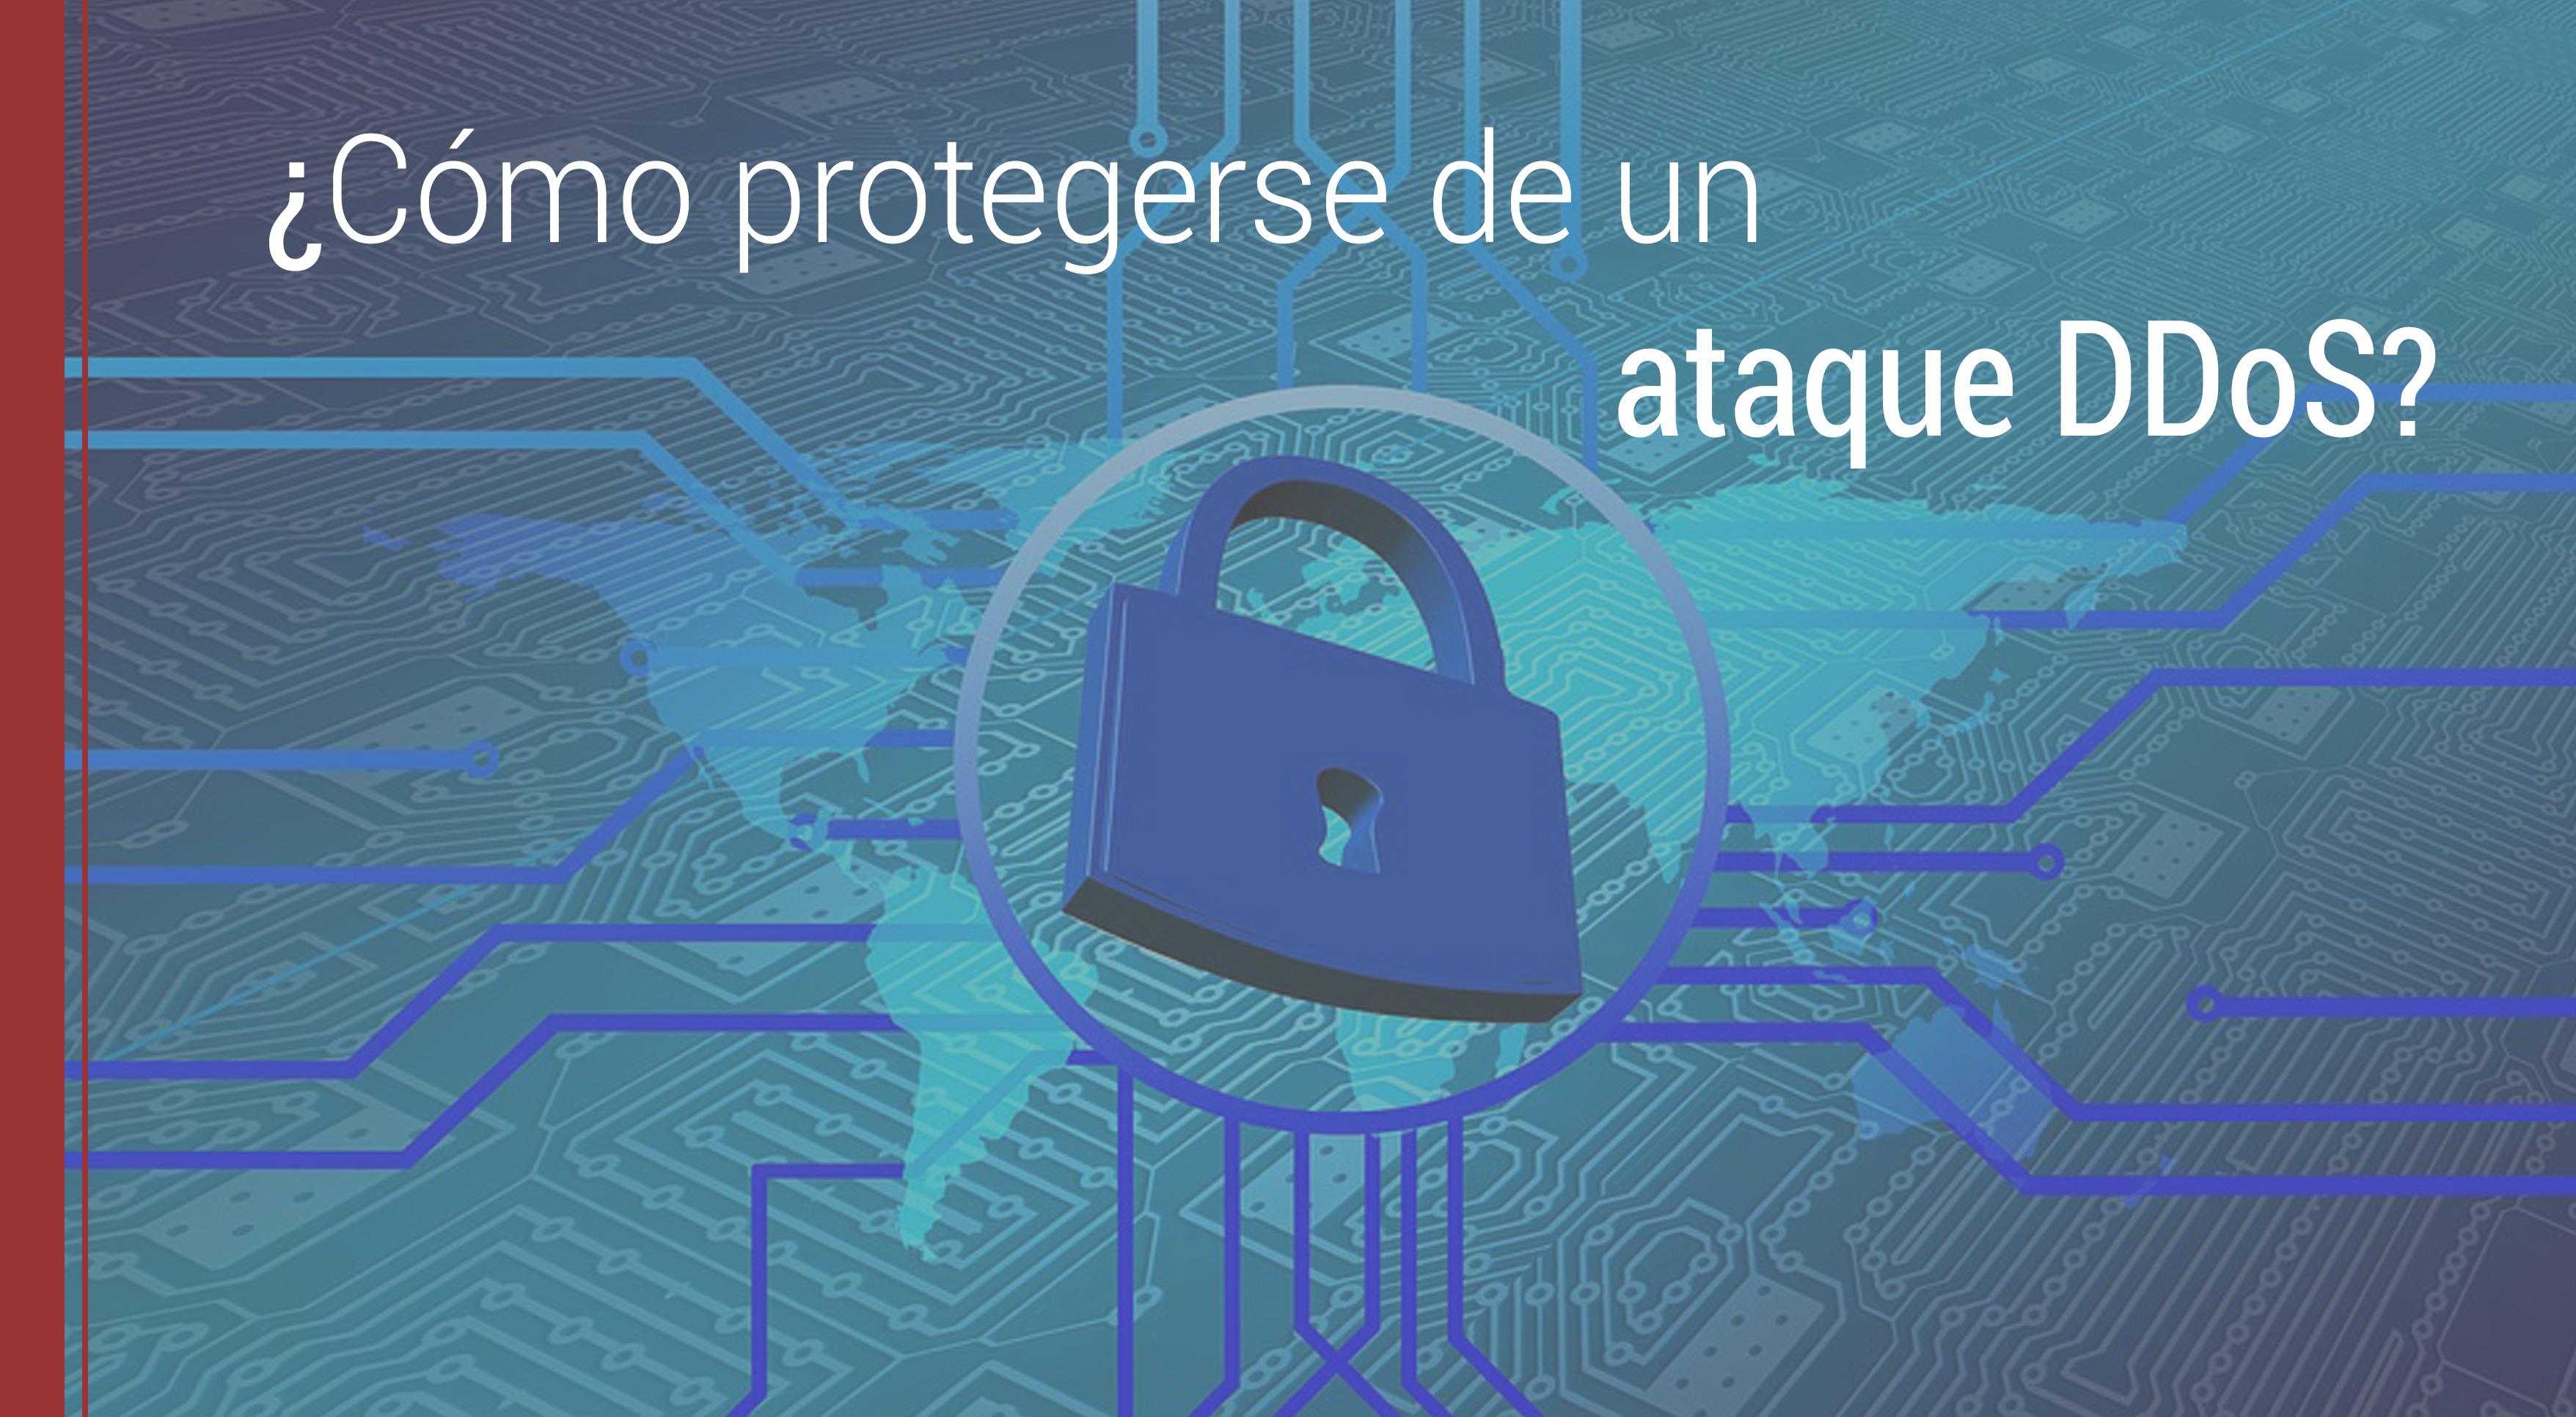 protegerse-ataque-ddos Cómo protegerse de un ataque DDoS